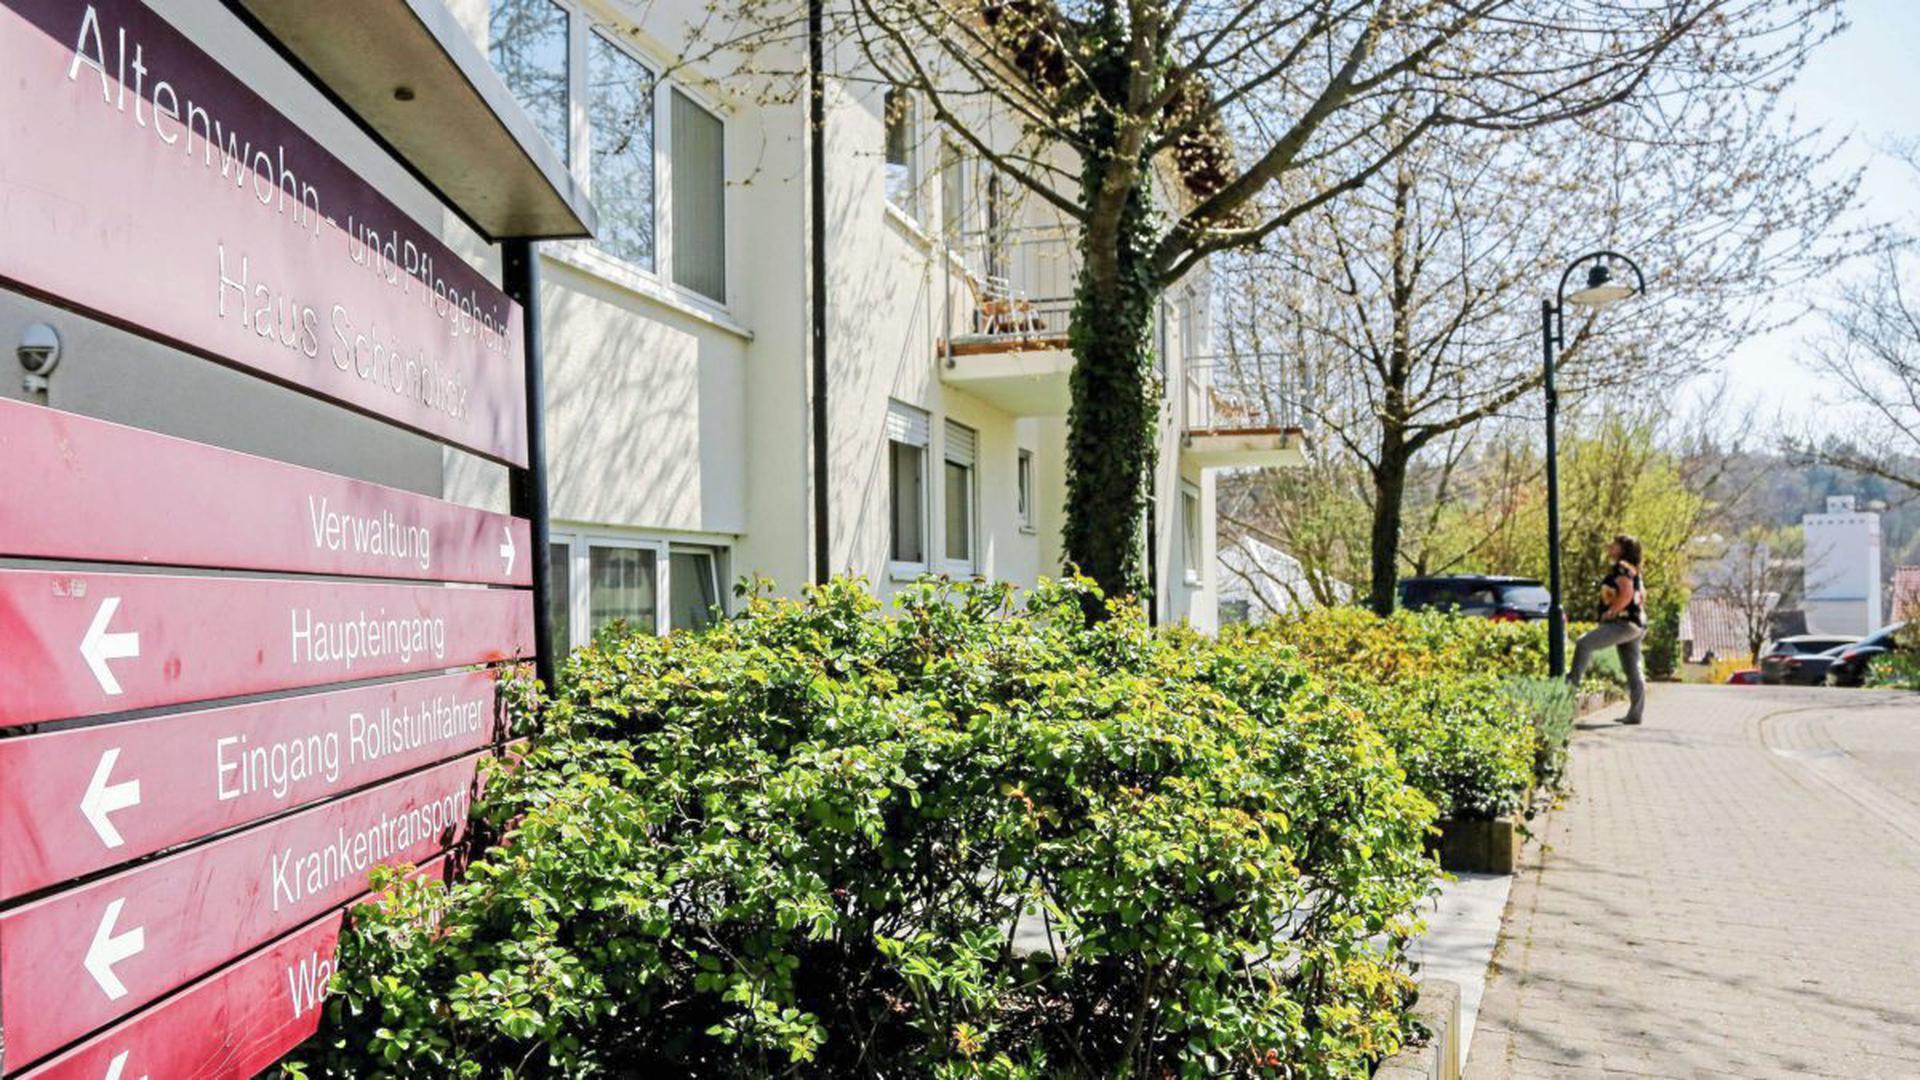 Seit drei Wochen ist das Haus Schönblick abgeriegelt. In dem Altenwohn- und Pflegeheim im Brettener Stadtteil Neibsheim hat es bereits fünf Todesfälle wegen Covid-19 gegeben.